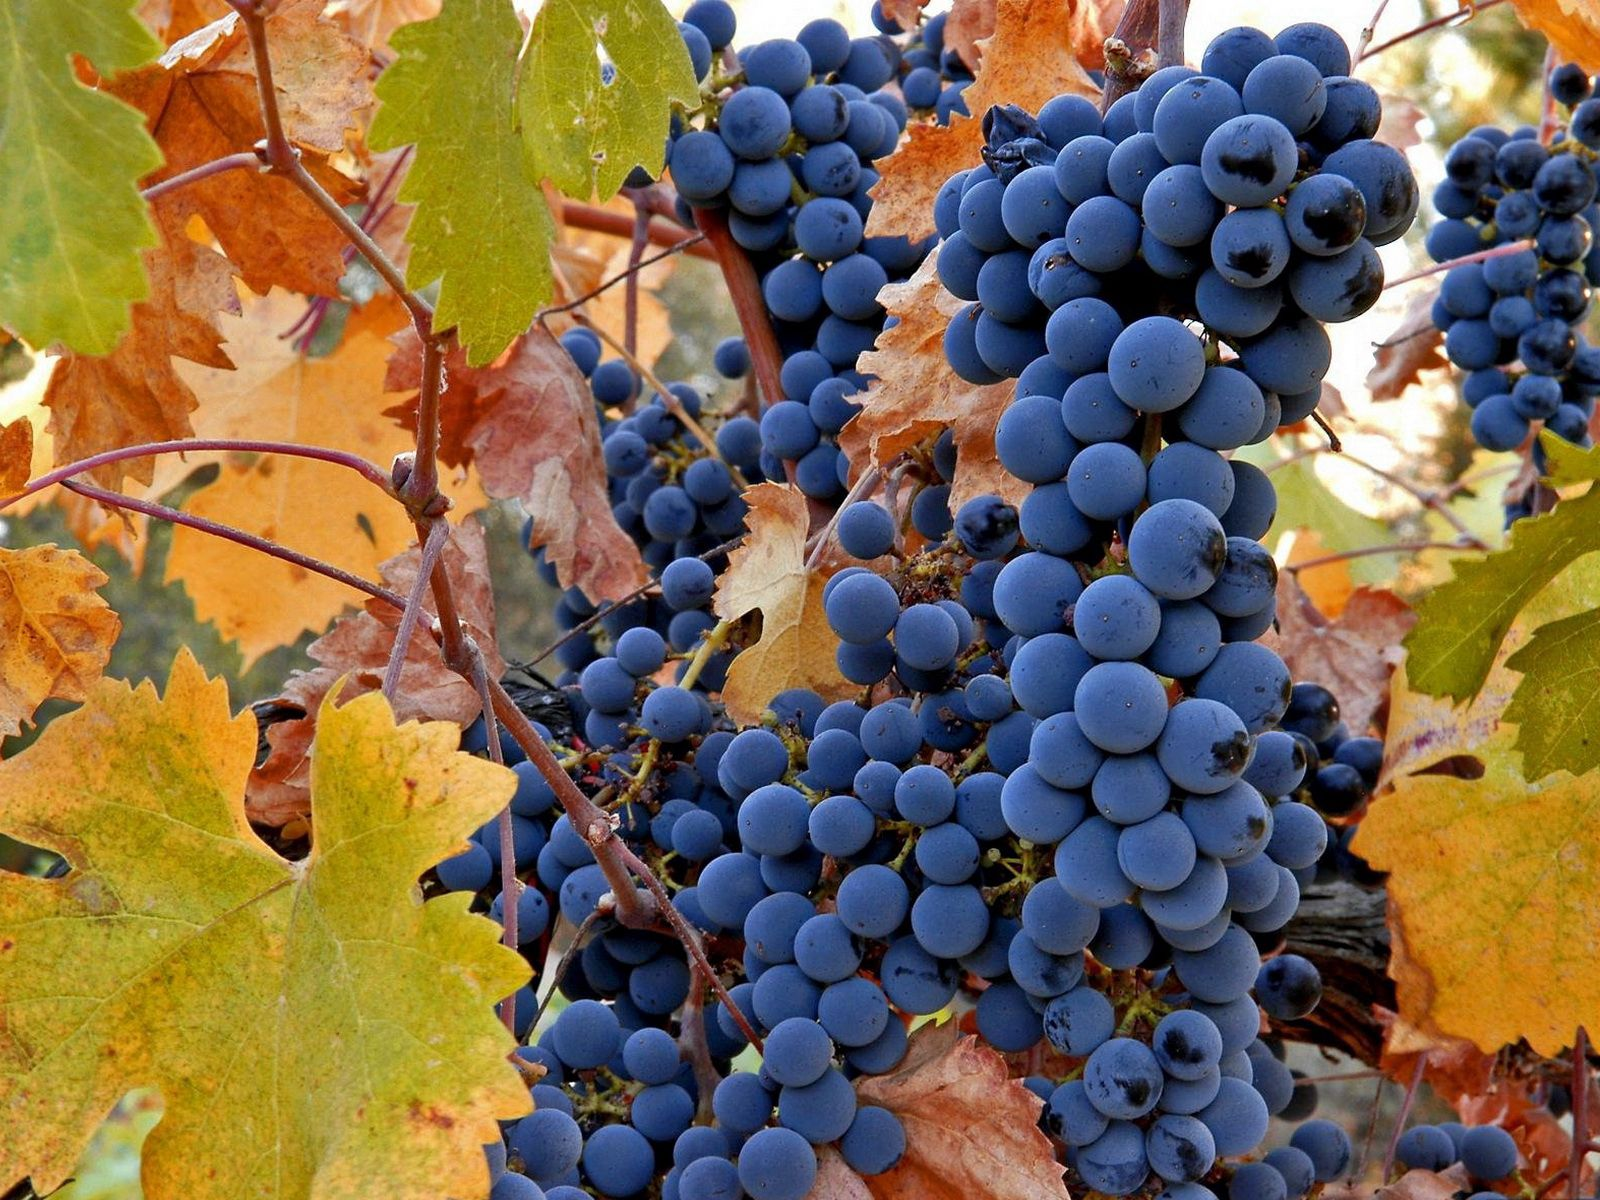 139532 скачать обои Фрукты, Еда, Осень, Листья, Виноград, Грозди, Урожай, Лоза - заставки и картинки бесплатно